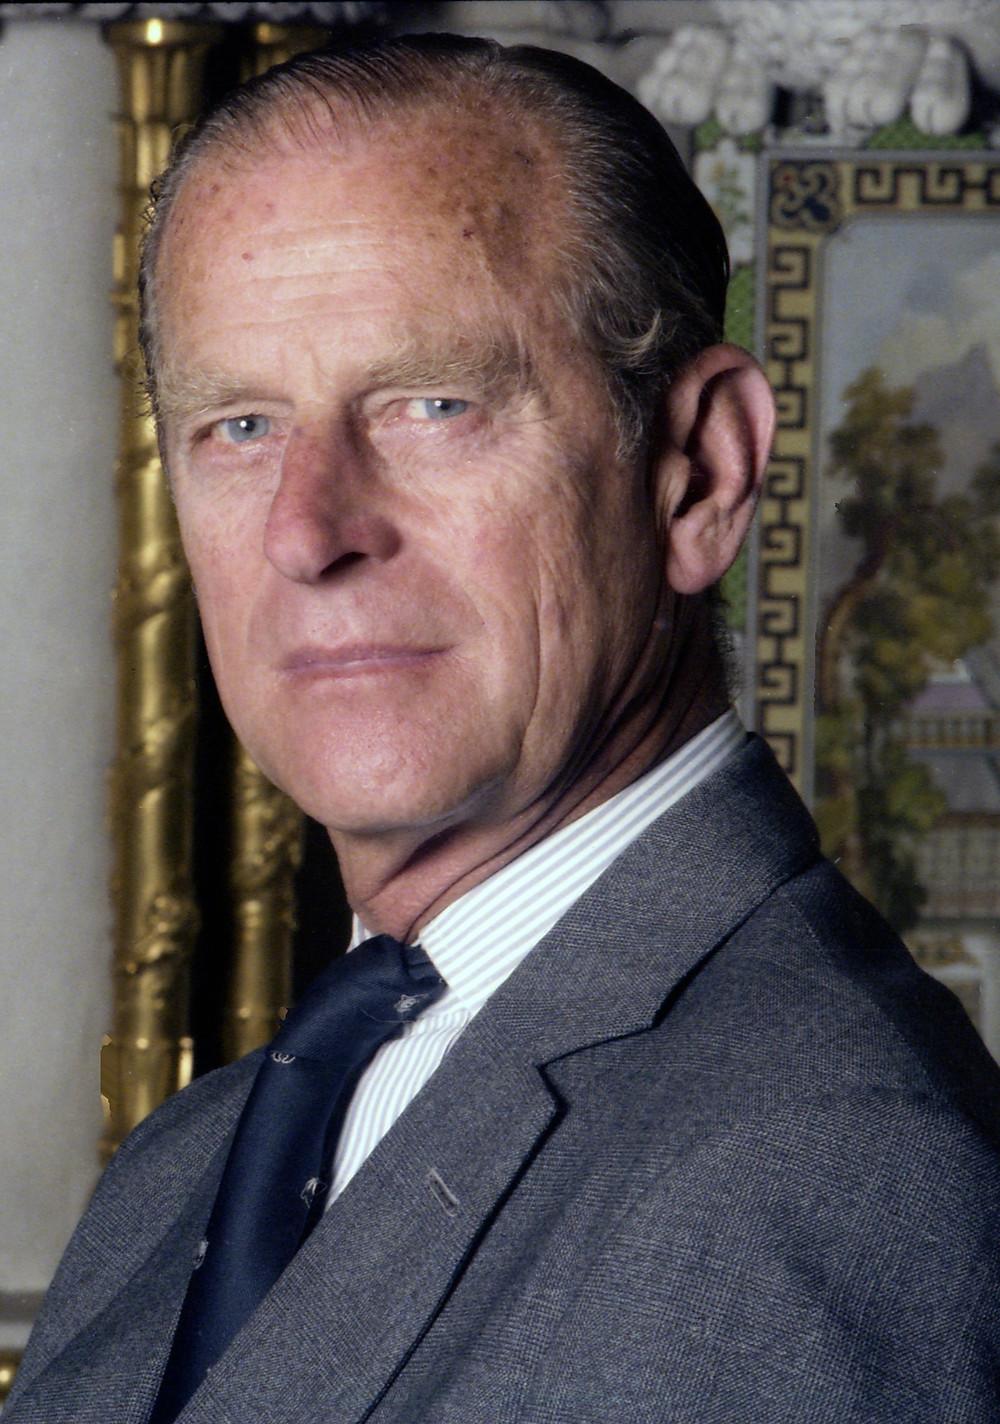 Prince Philip, Duke of Edinburgh, British Royal family